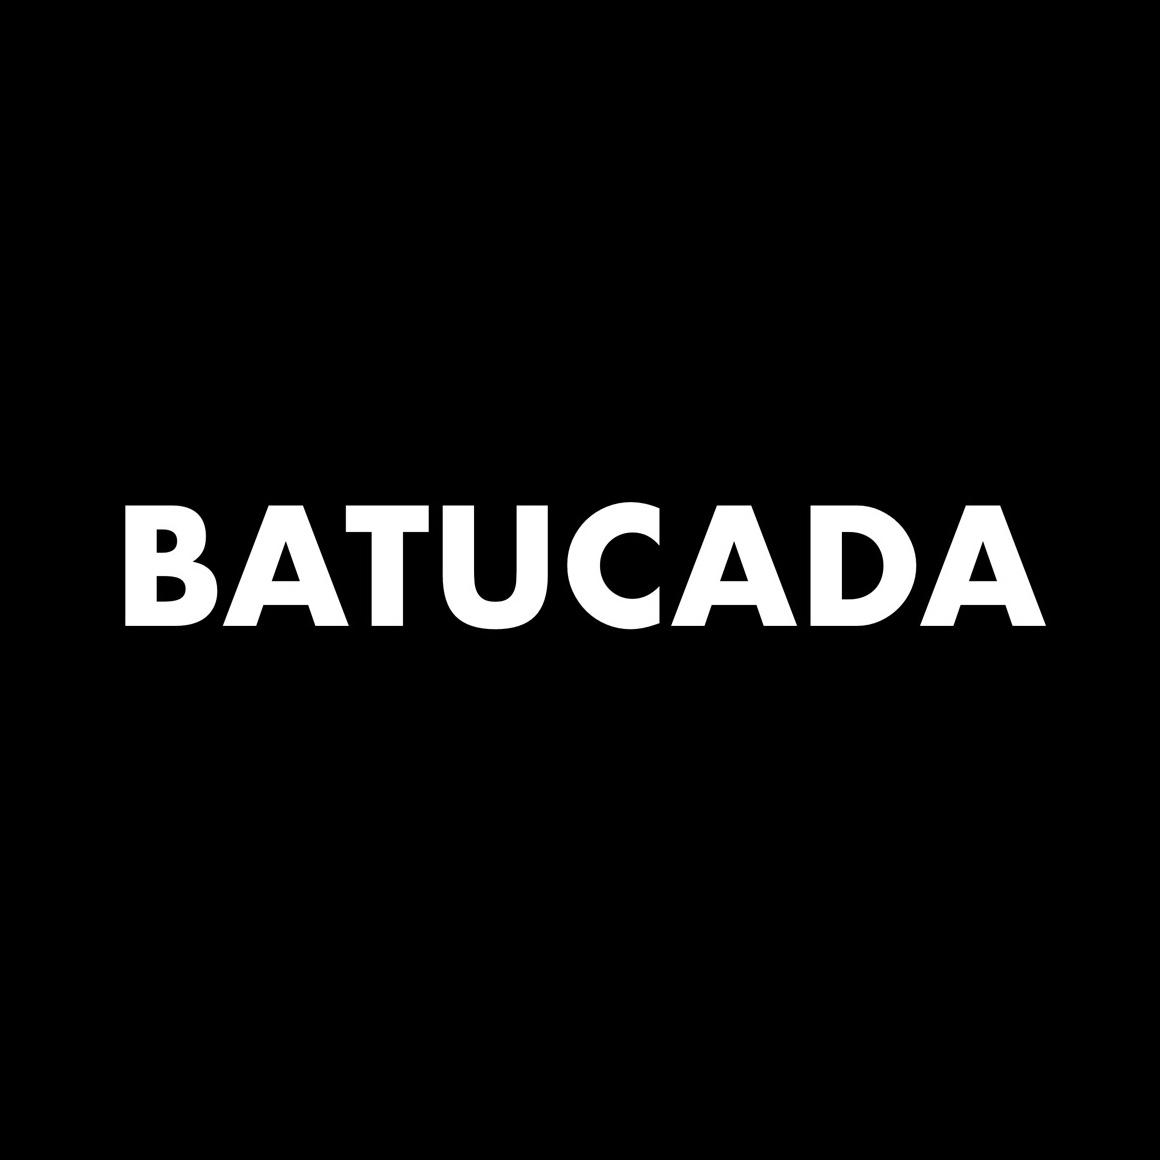 Batucada